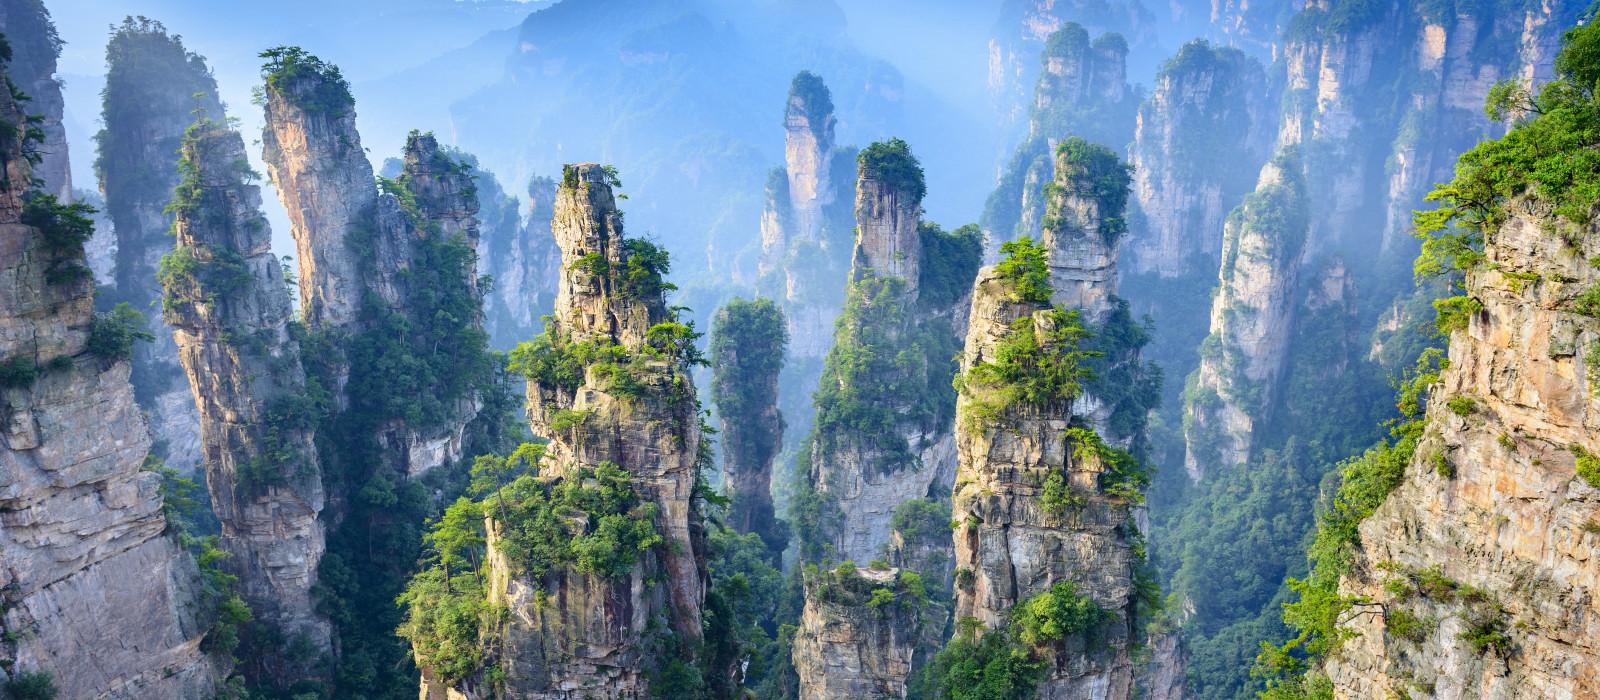 Destination Zhangjiajie China